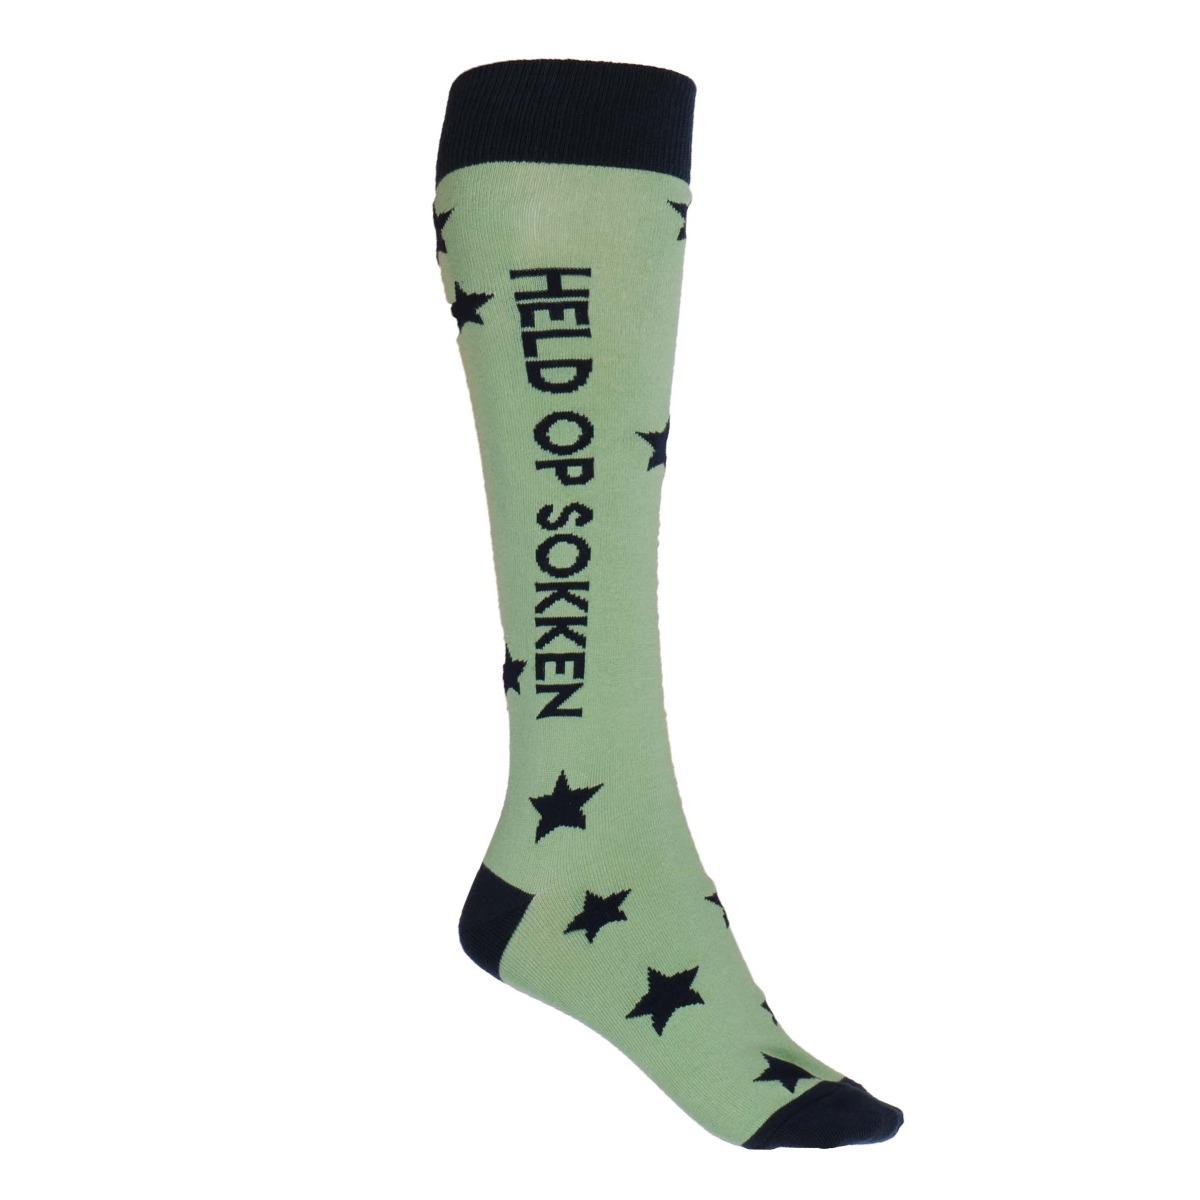 Mondoni Held op sokken kniekousen lichtgroen maat:35-38